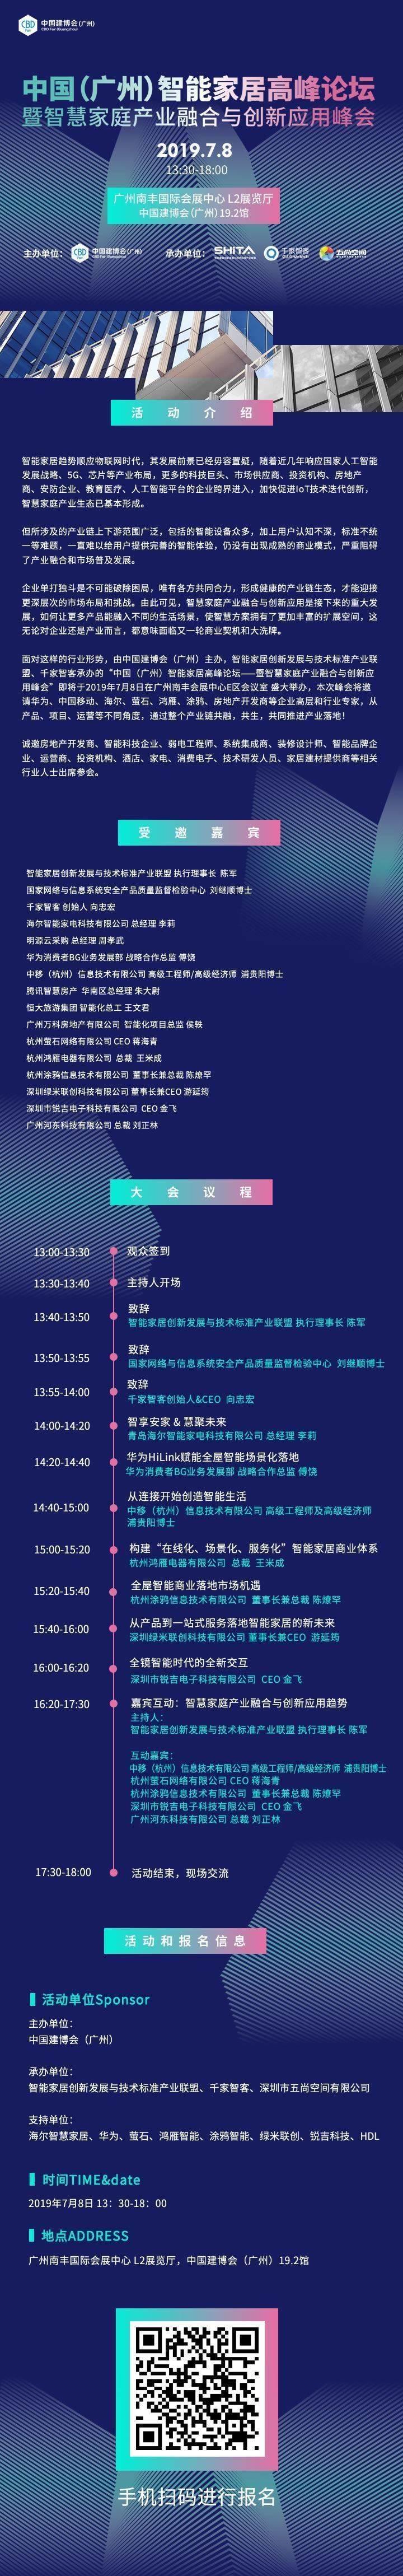 建博会2019广州(25).jpg